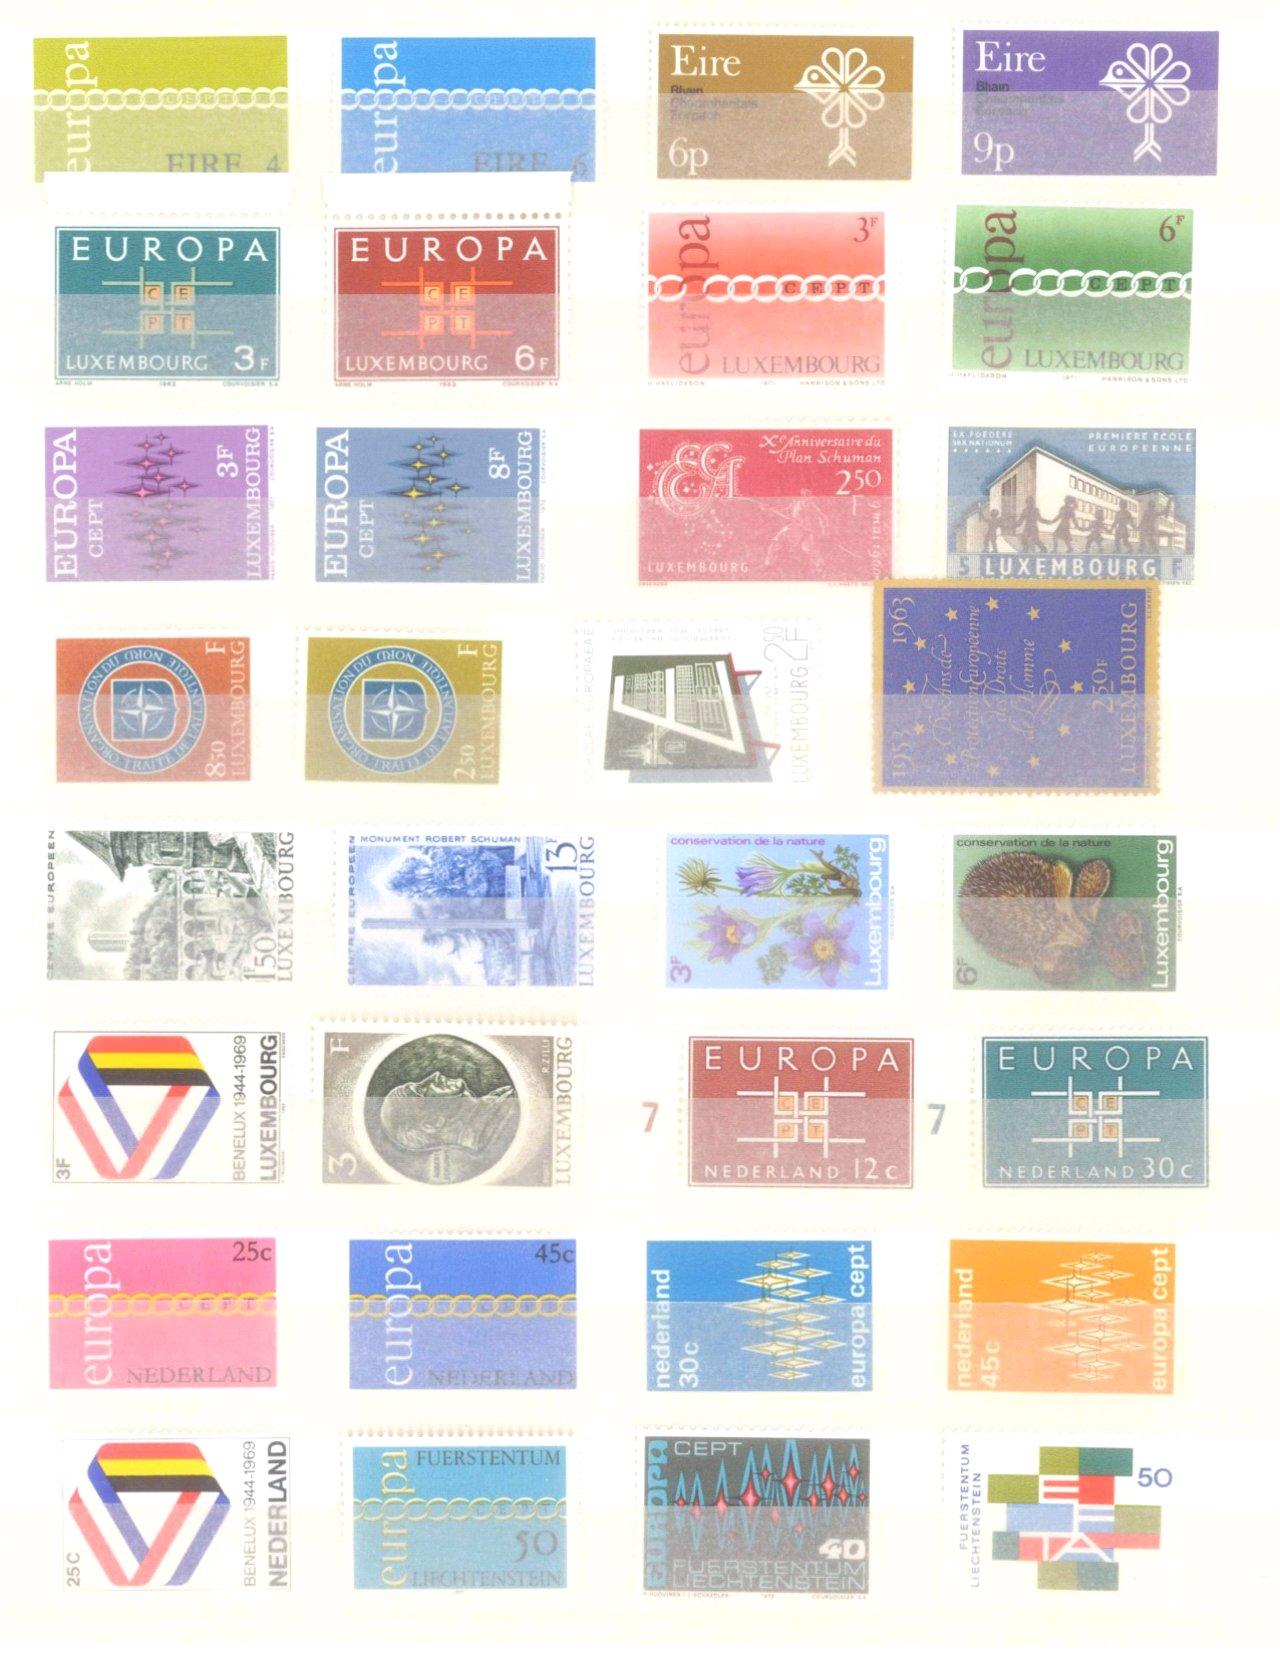 EURROPA CEPT mit SPANISCH – ANDORRA 1972-14